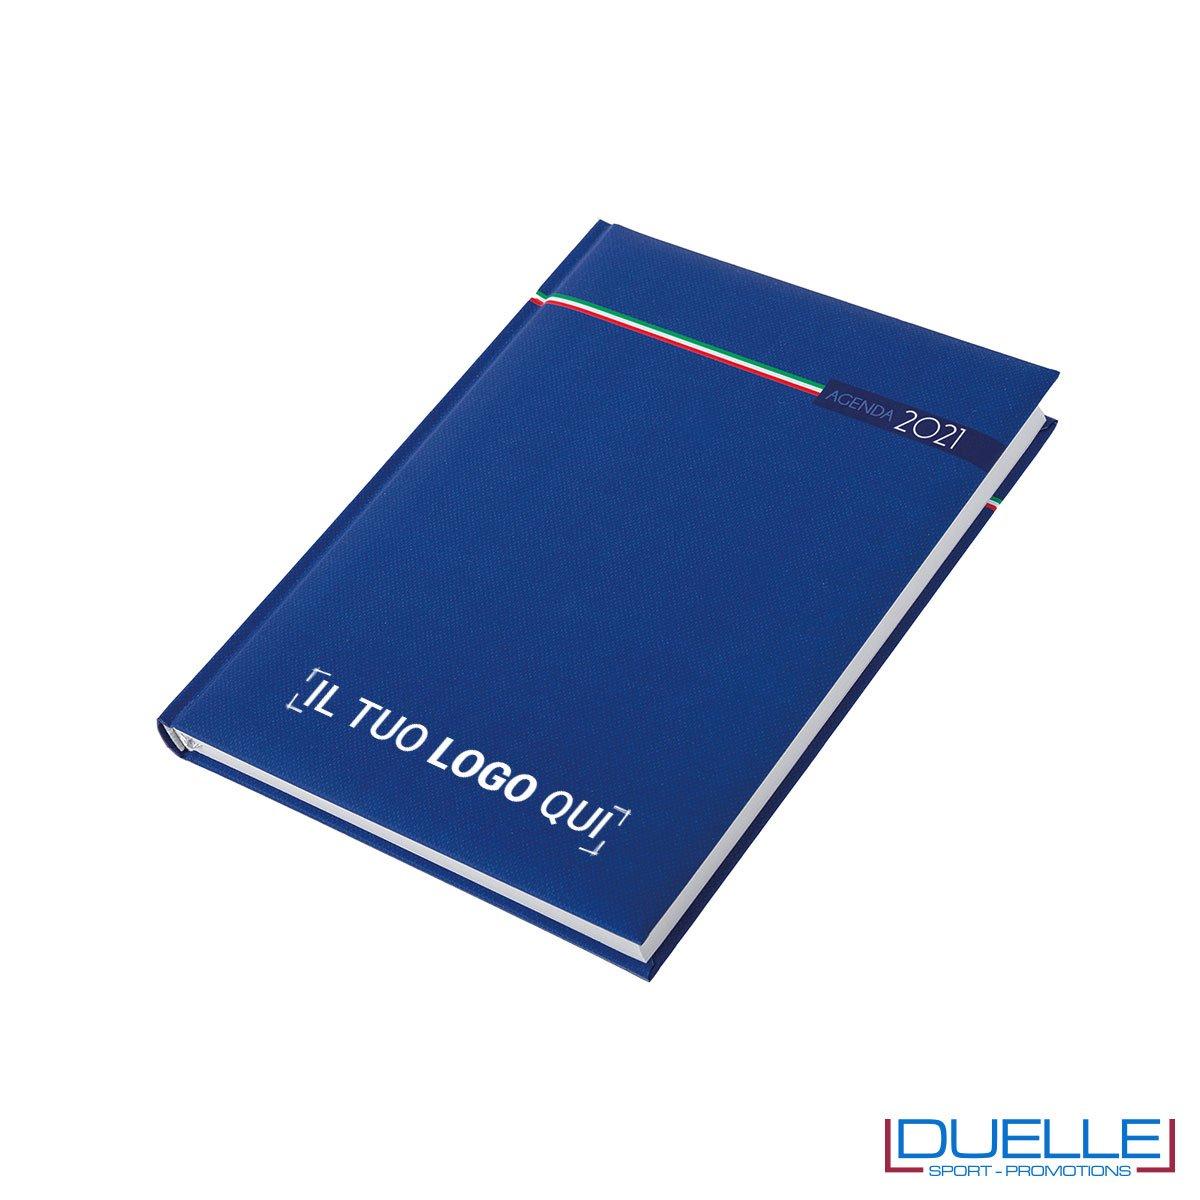 Agenda 2020 tricolore personalizzata colore blu nazionale